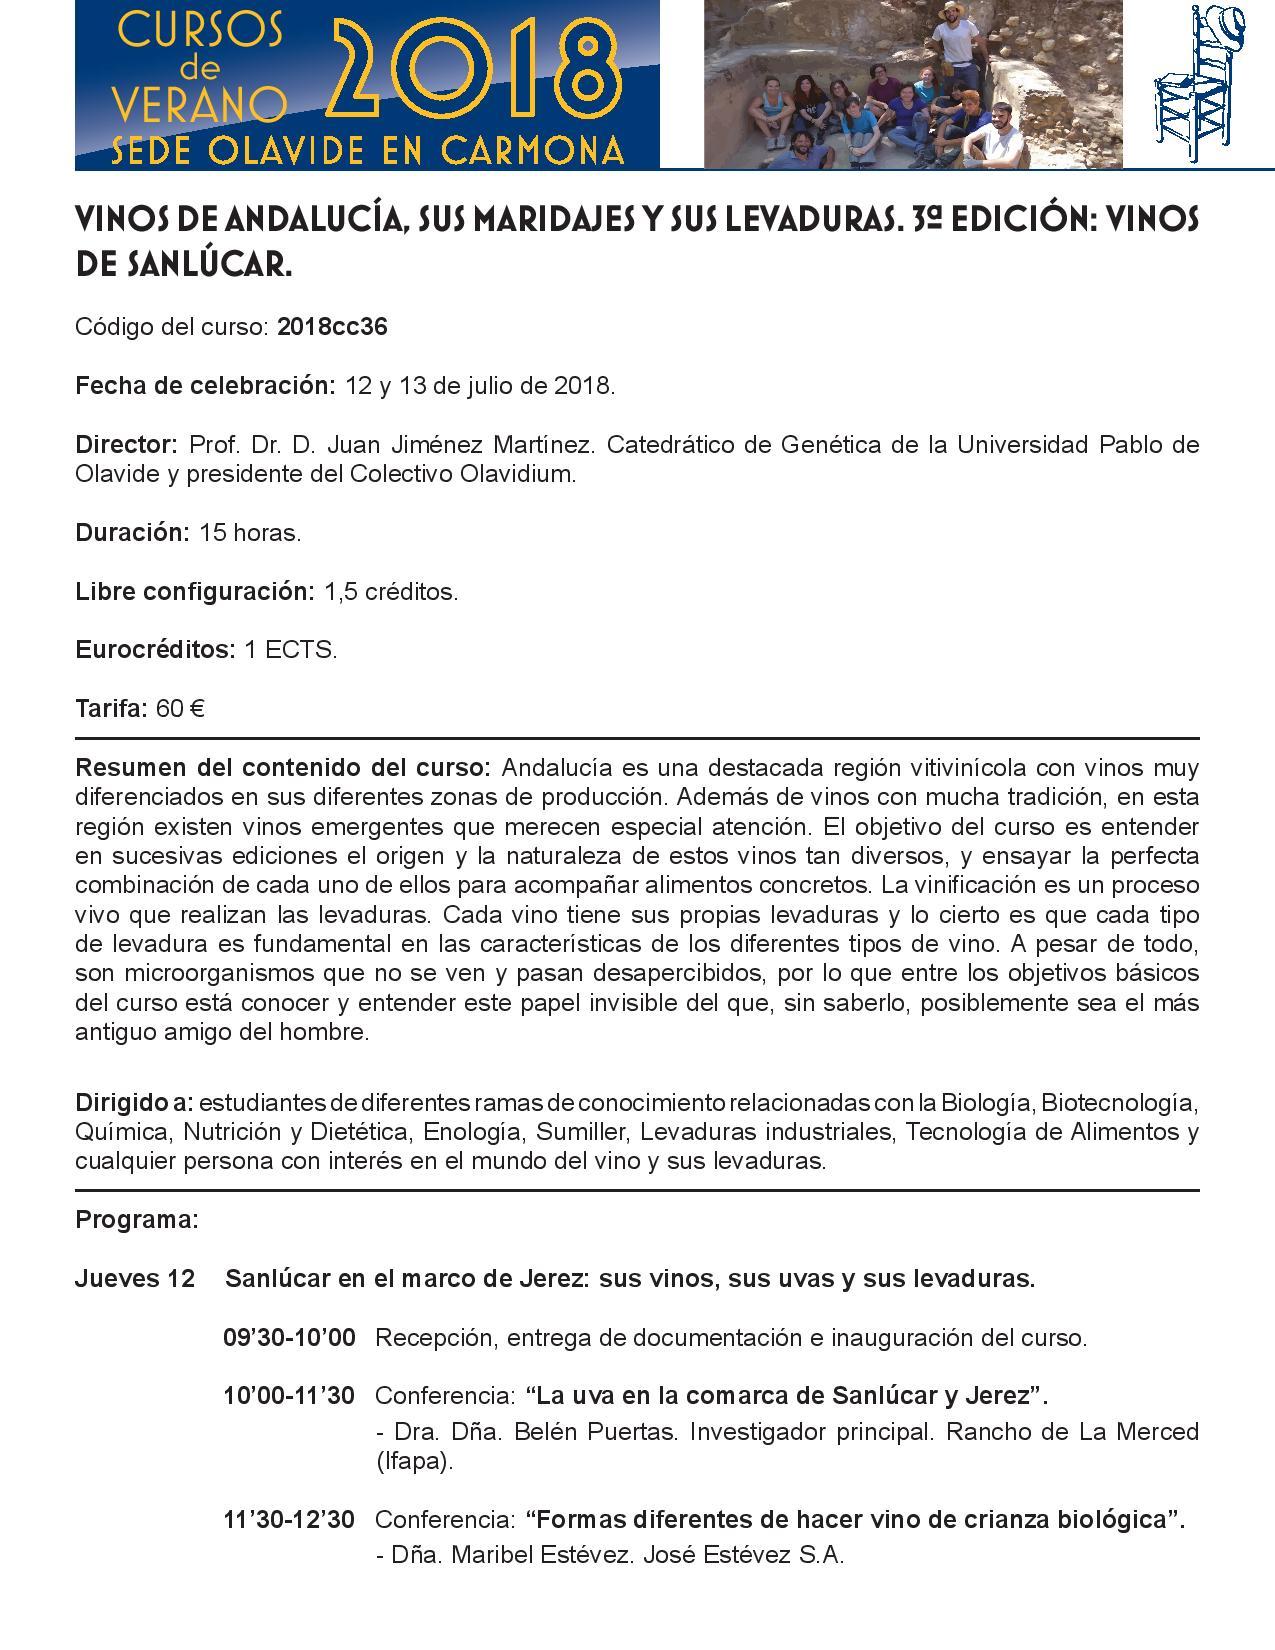 Universidad Pablo Olavide: Vinos de Sanlúcar(Spanish)